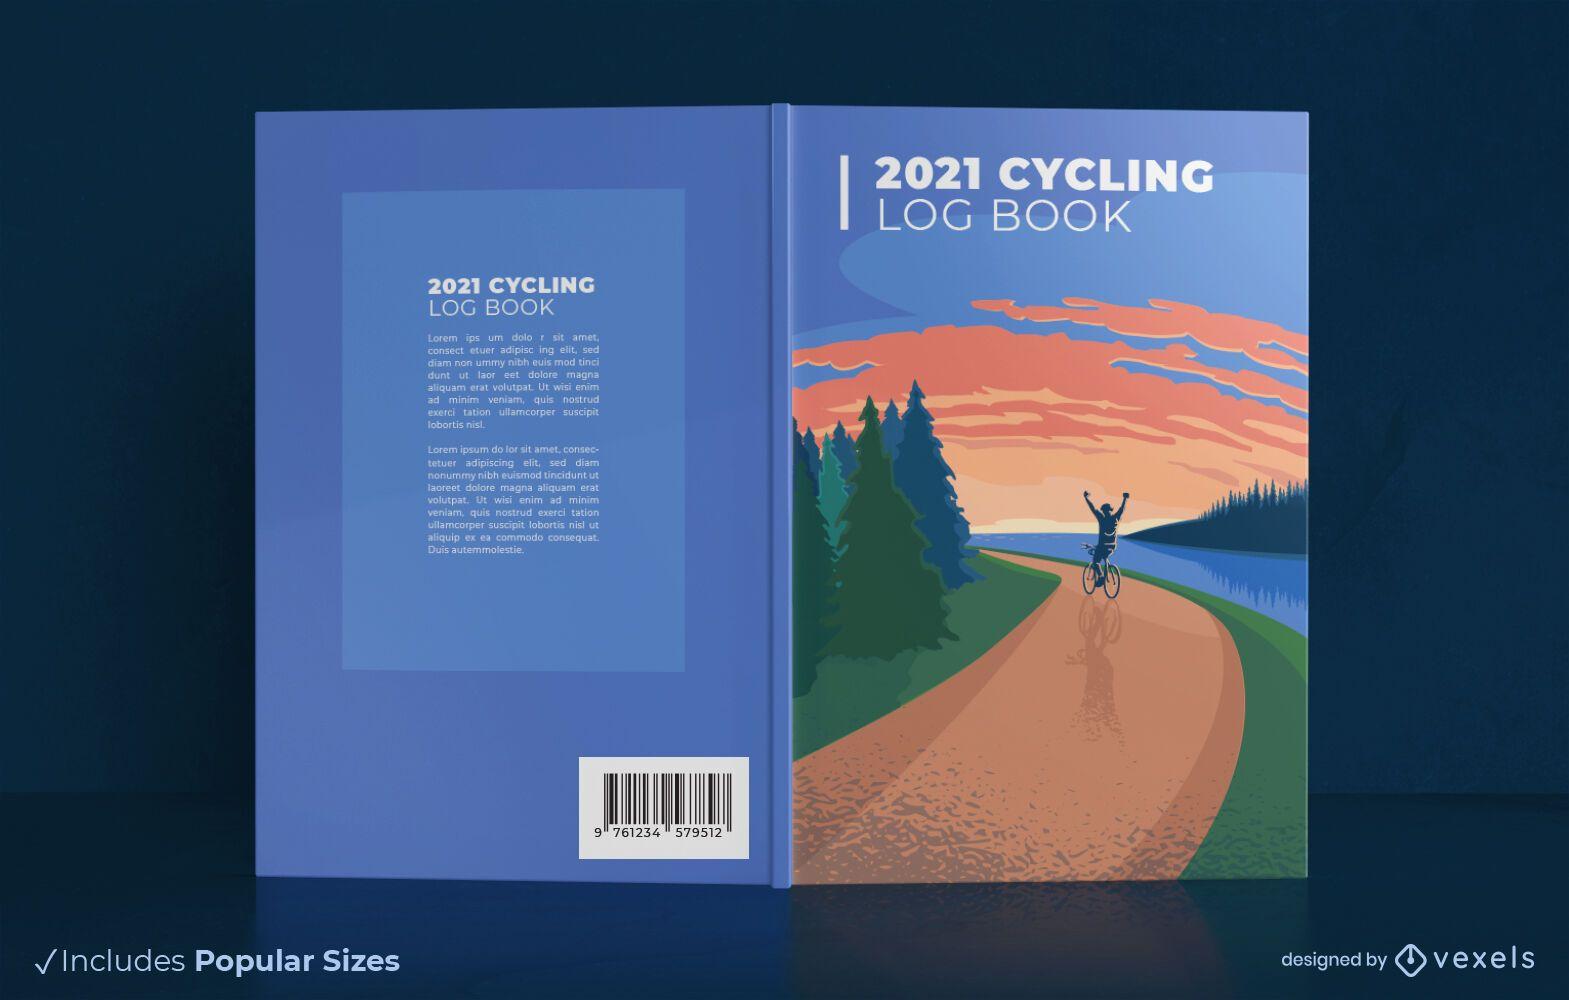 Projeto da capa do diário de bordo de ciclismo de 2021